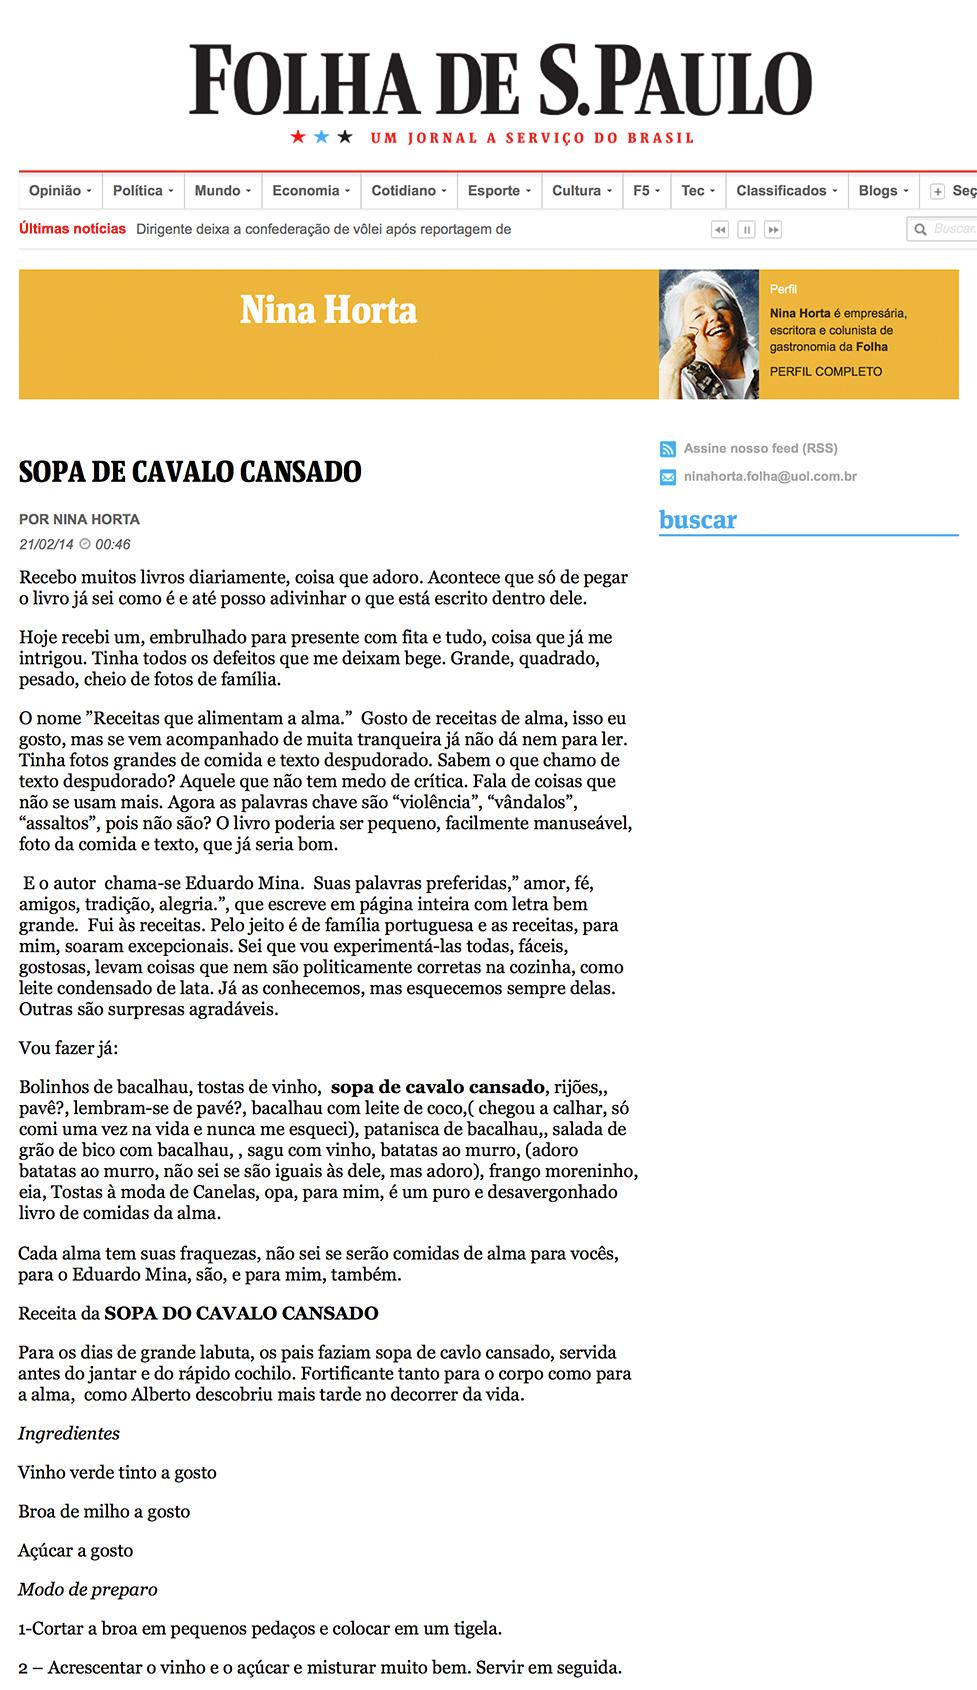 Nina Horta - Folha de São Paulo